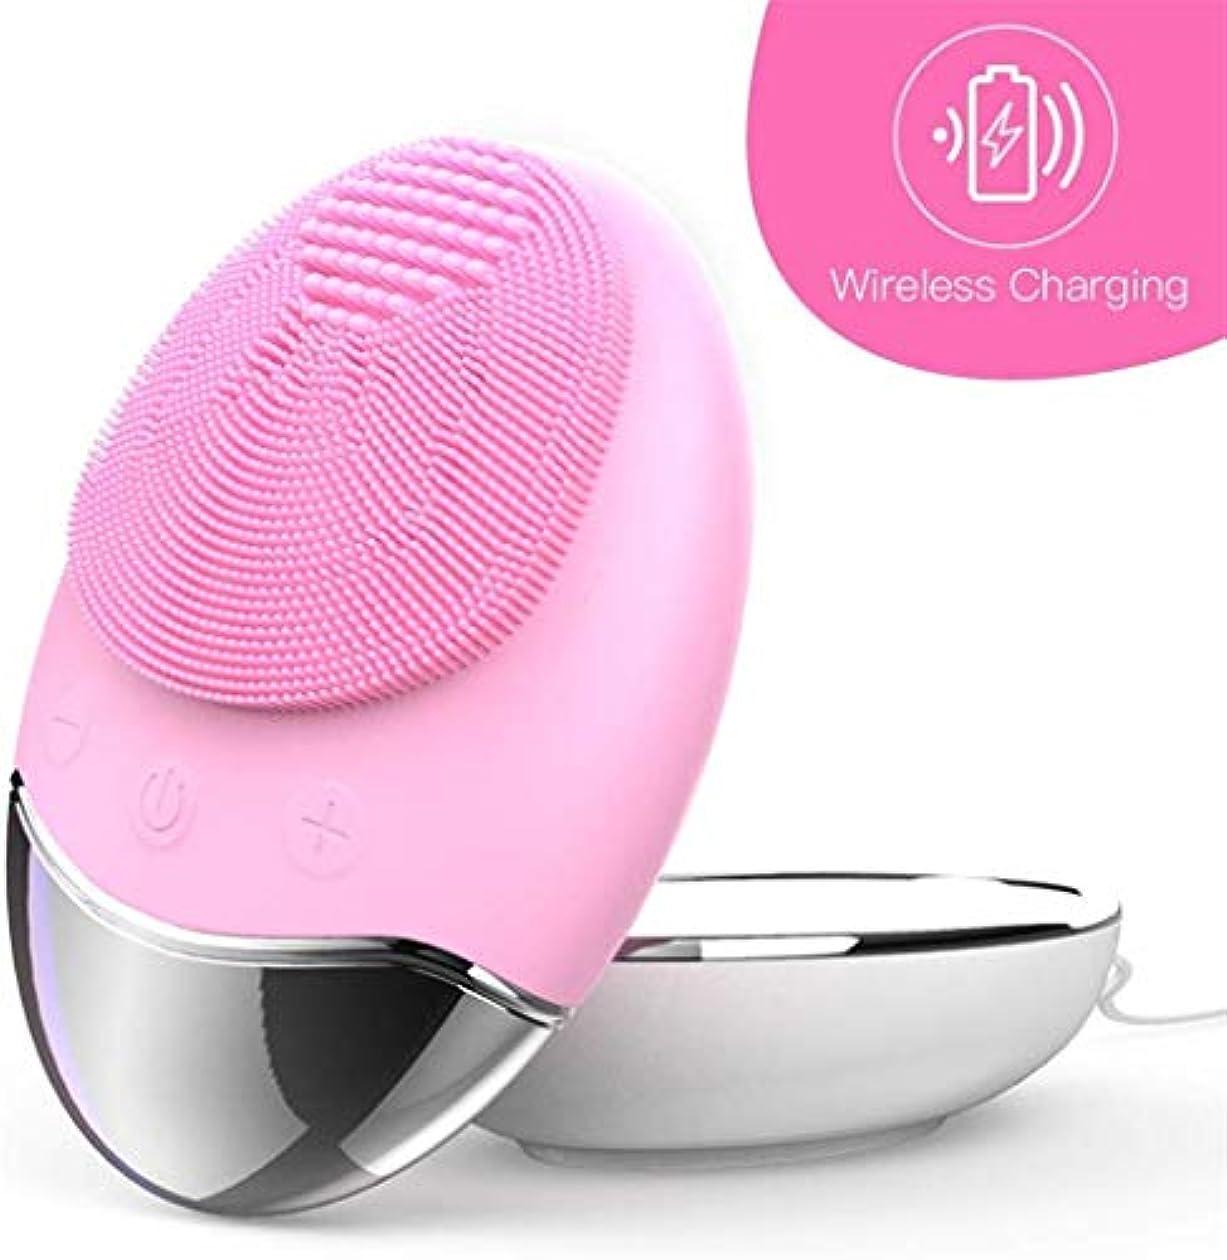 休日にレンディション普通のオールスキンタイプの充電式用シリコーン洗顔ブラシ、ブラシシリコーンエクスフォリエイティングフェイススクラブブラシマッサージャー3-IN-1エレクトリックフェイス、